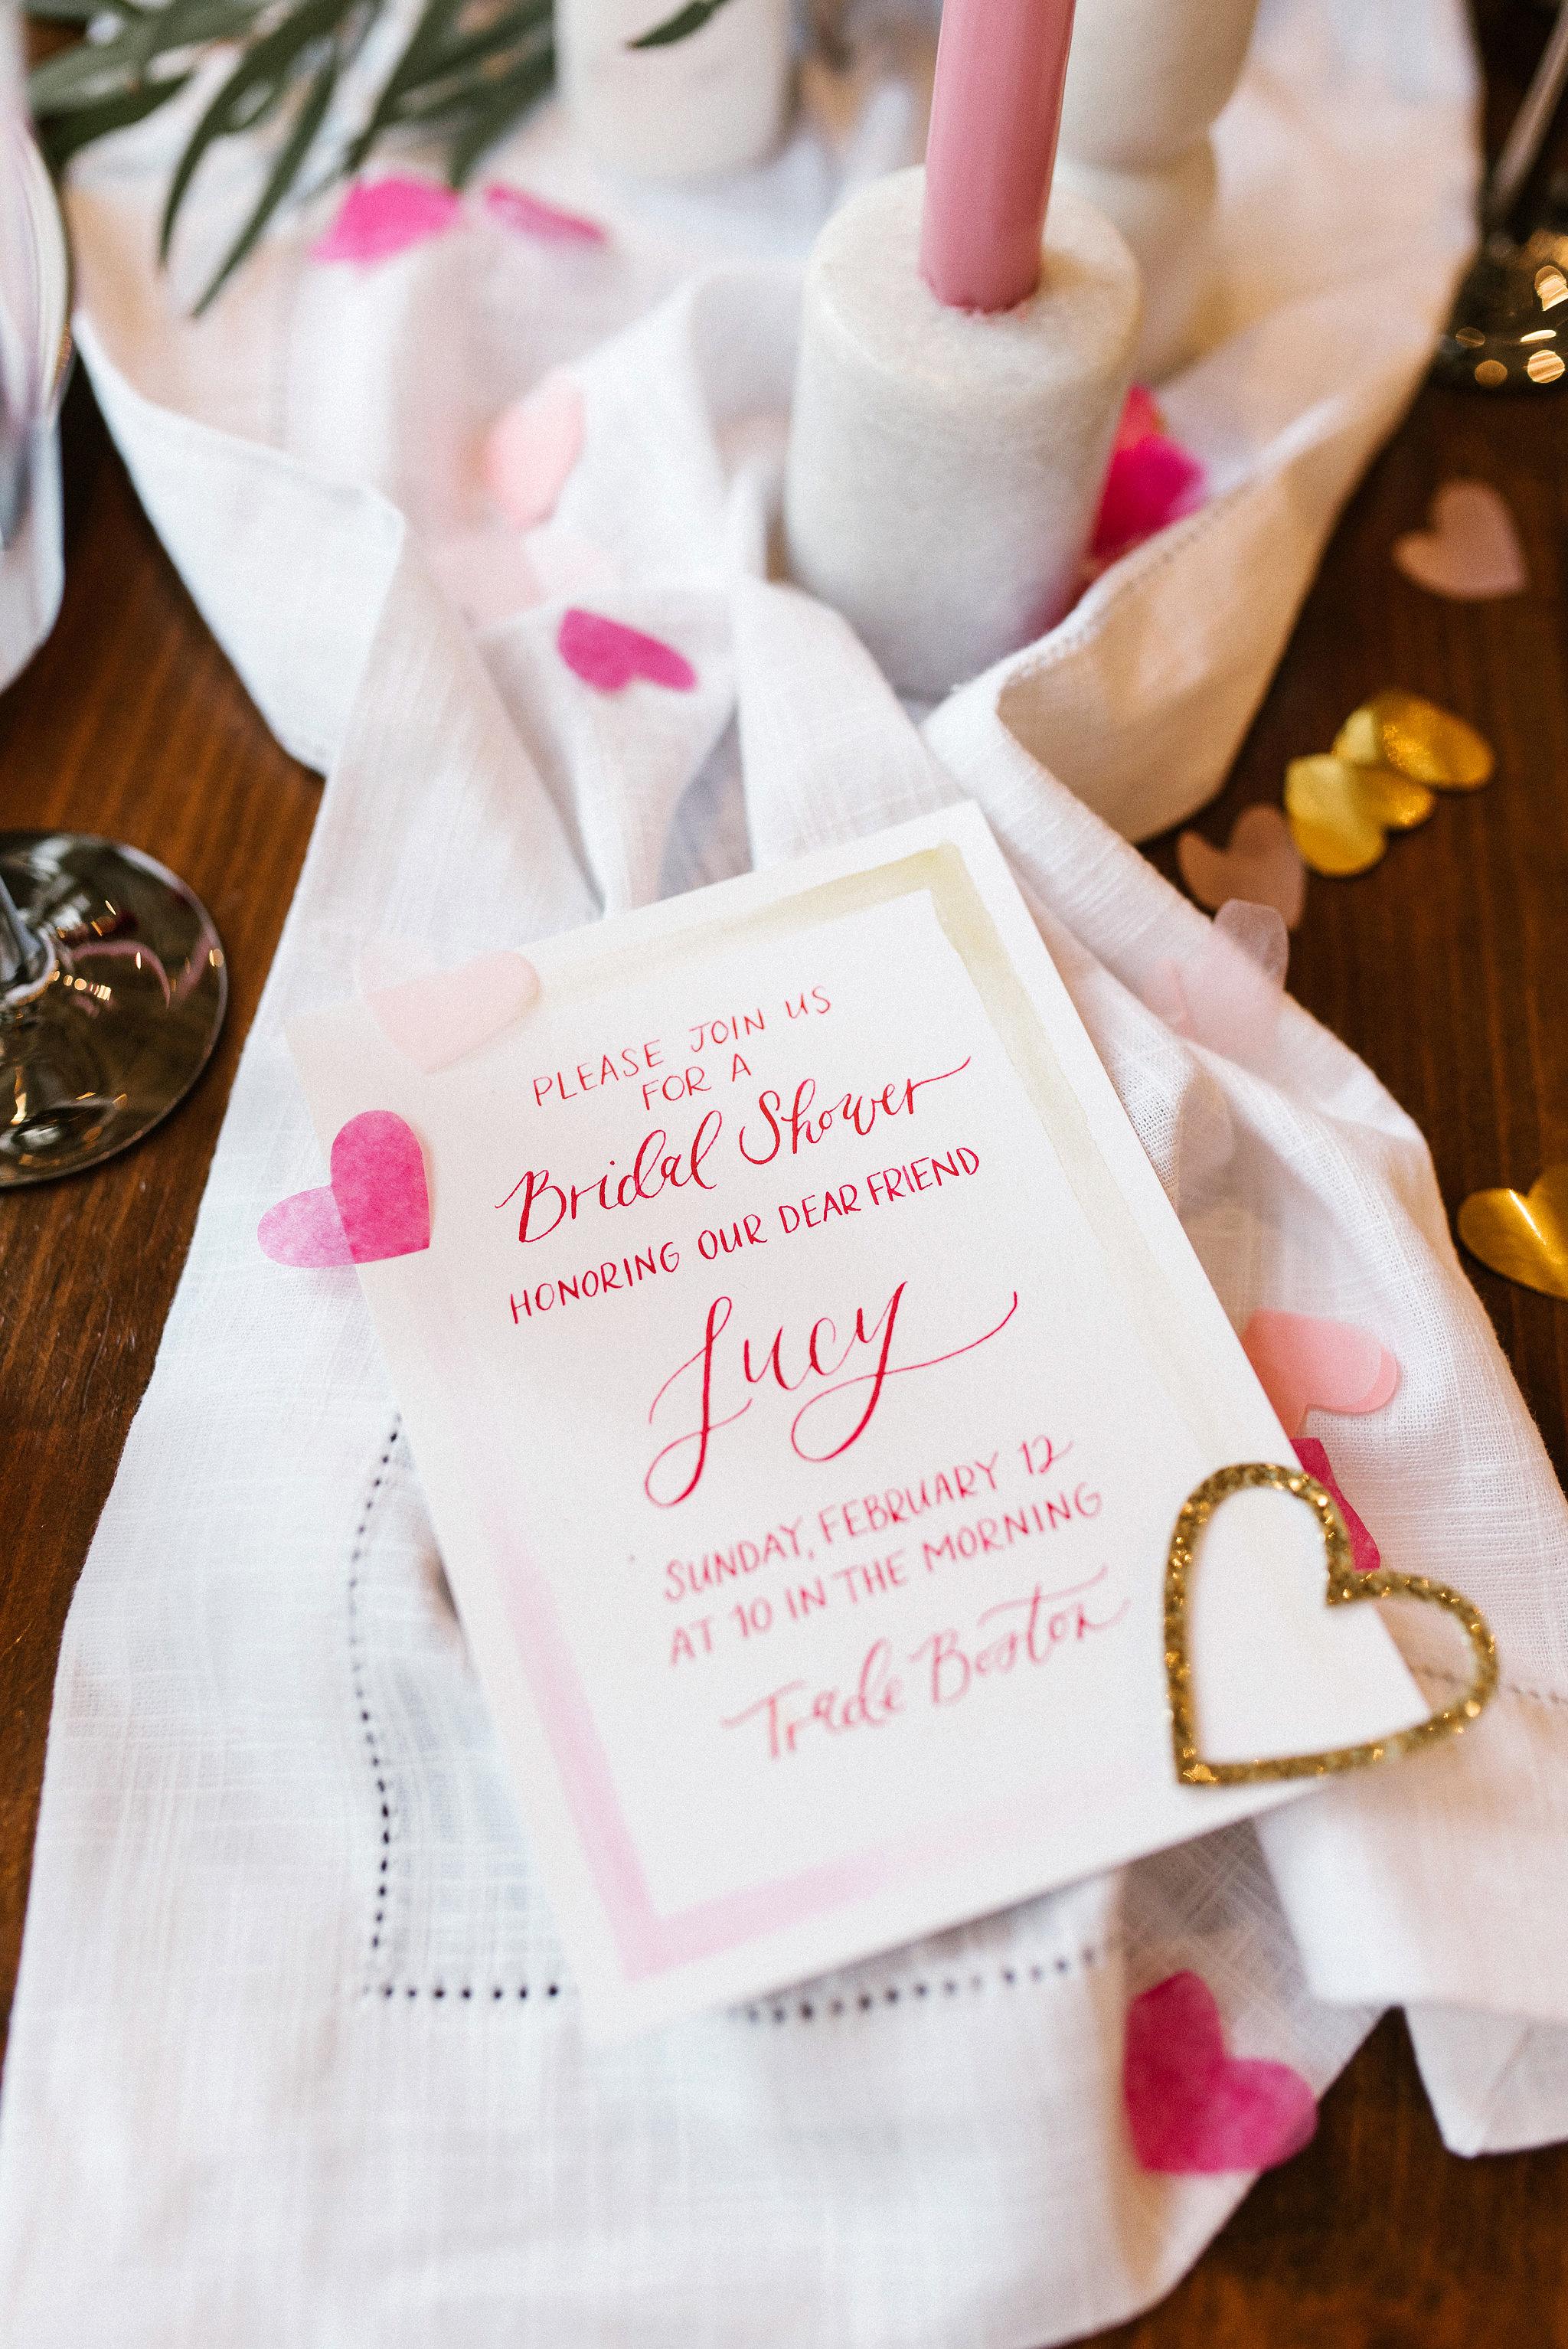 bridal shower invitations lindsay hackney